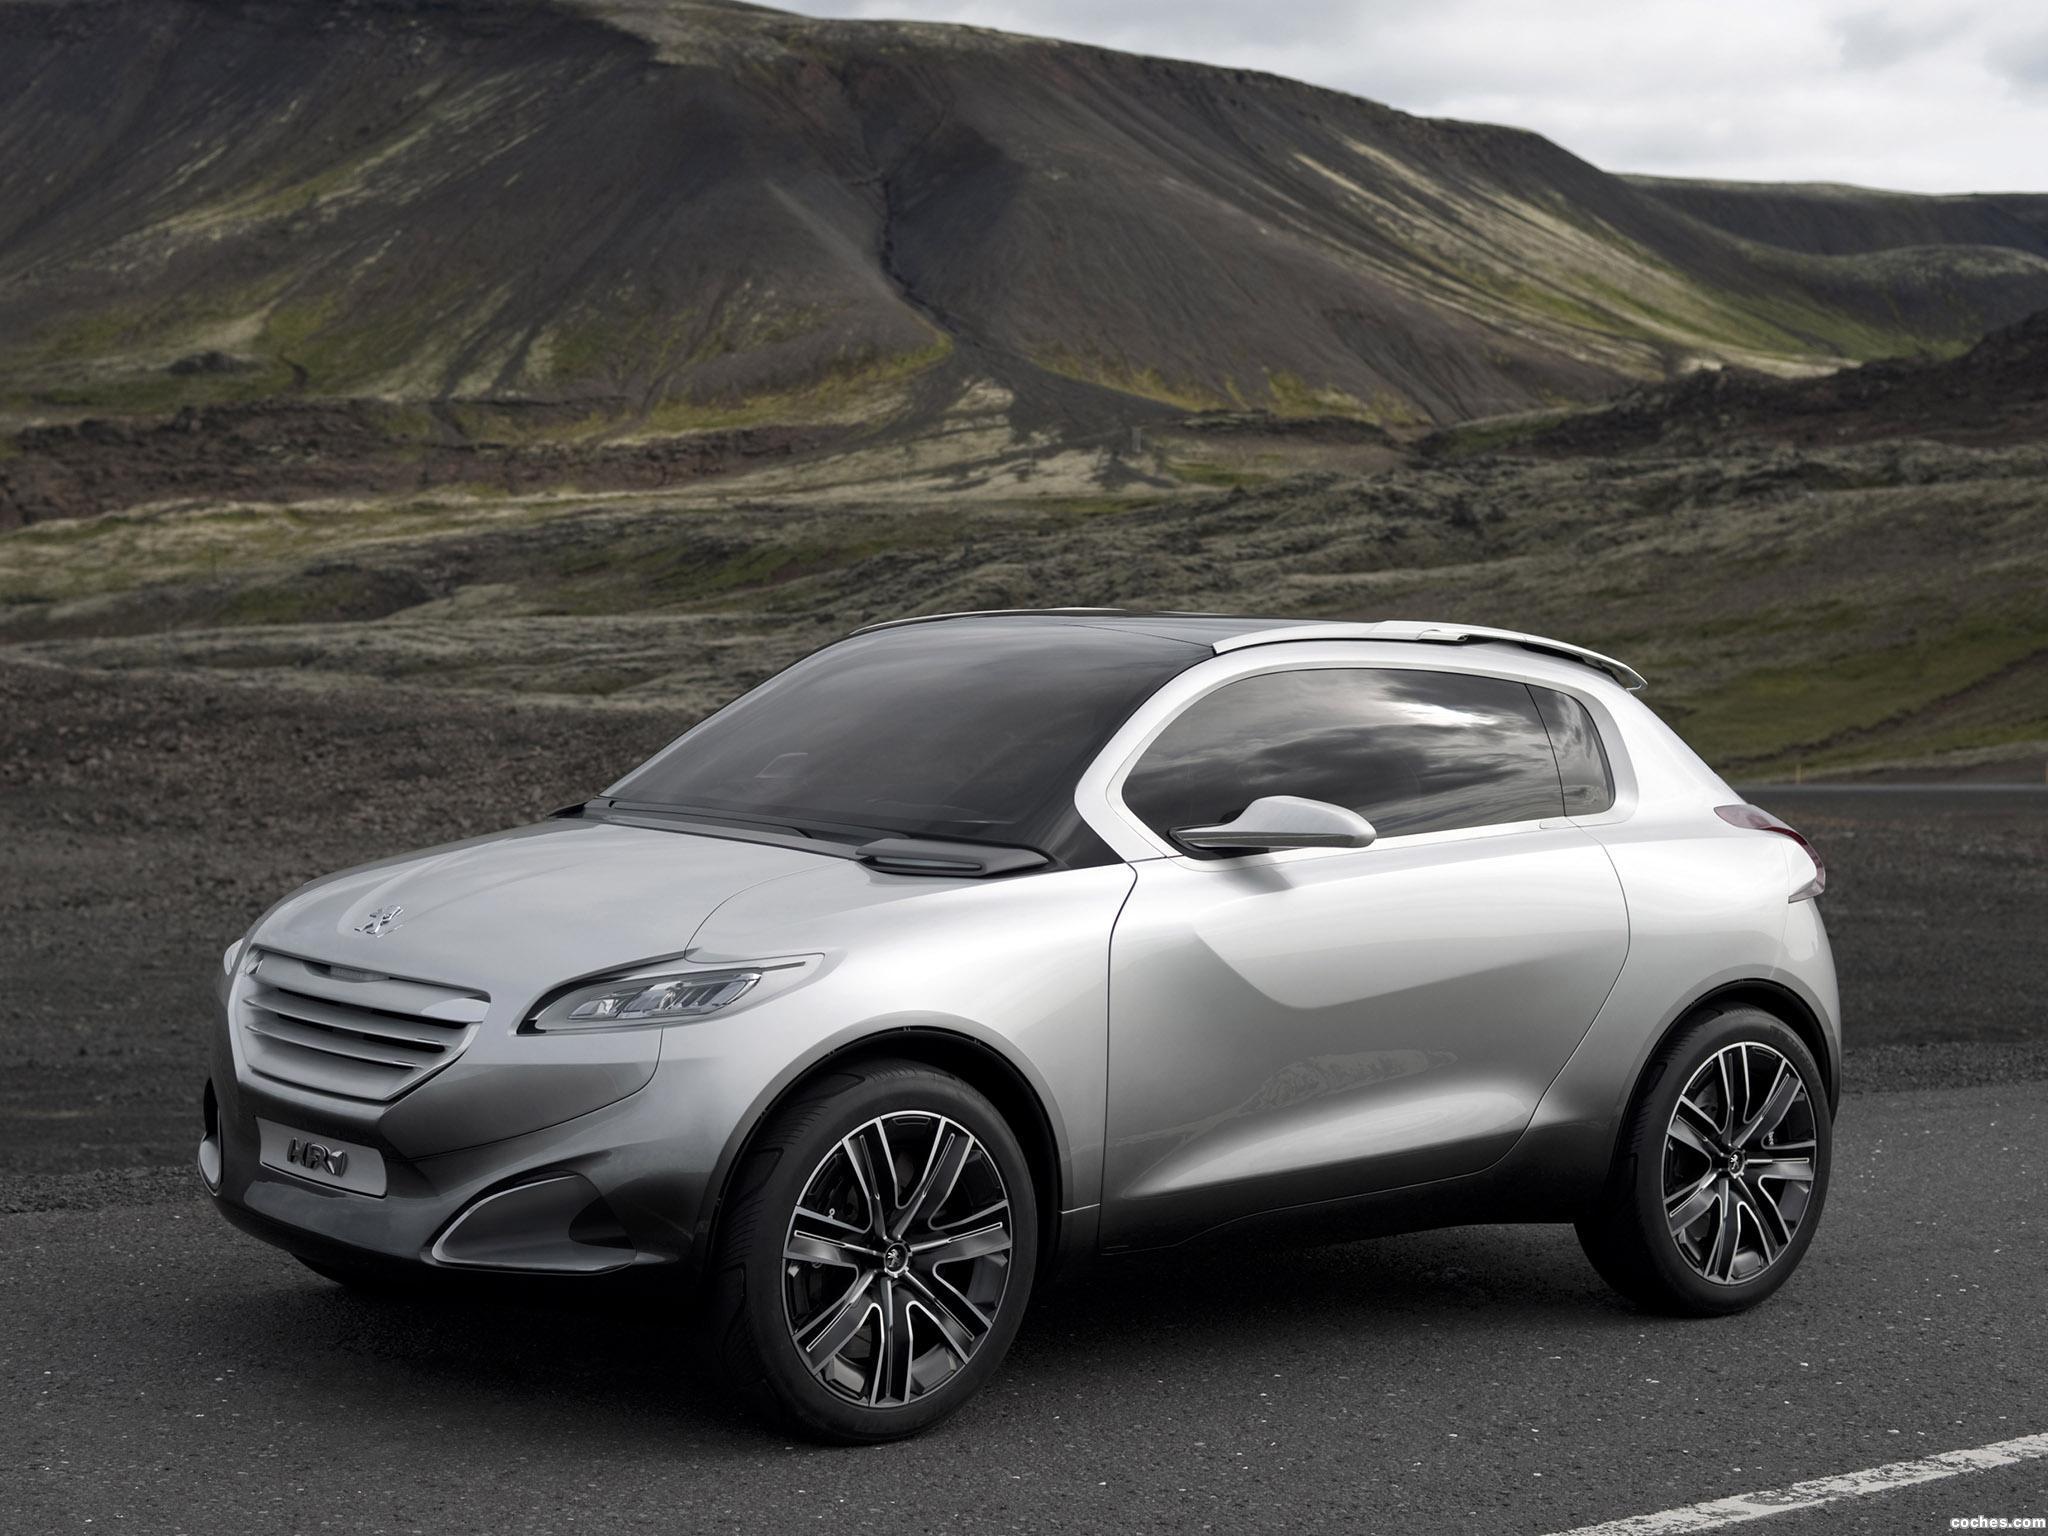 Foto 0 de Peugeot HR1 Concept 2010